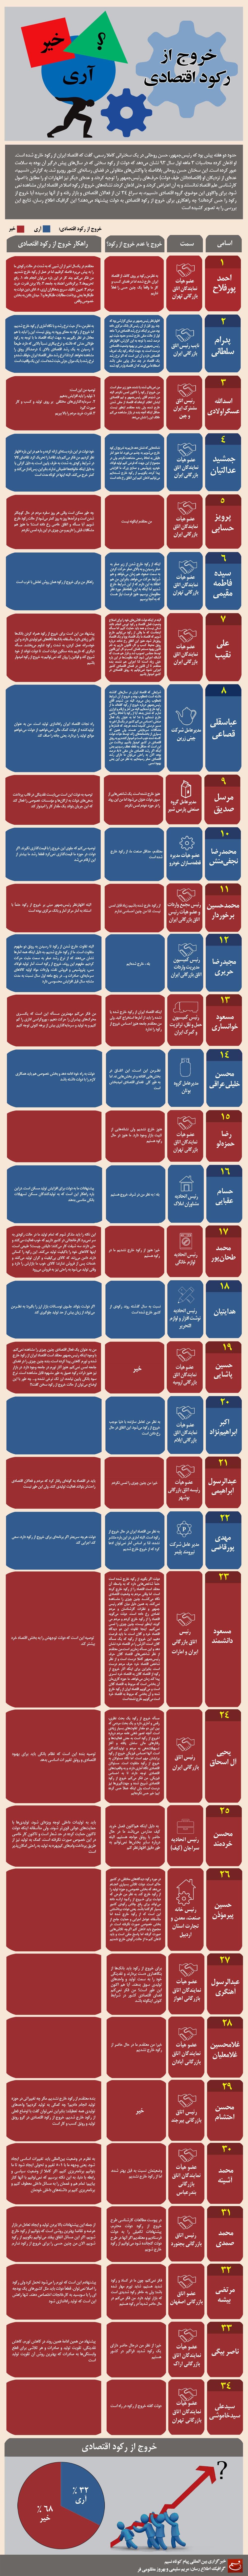 http://dl.aviny.com/karikator/InfoGaraphic/eghtesadi/kamel/Infographic-e-(52).jpg